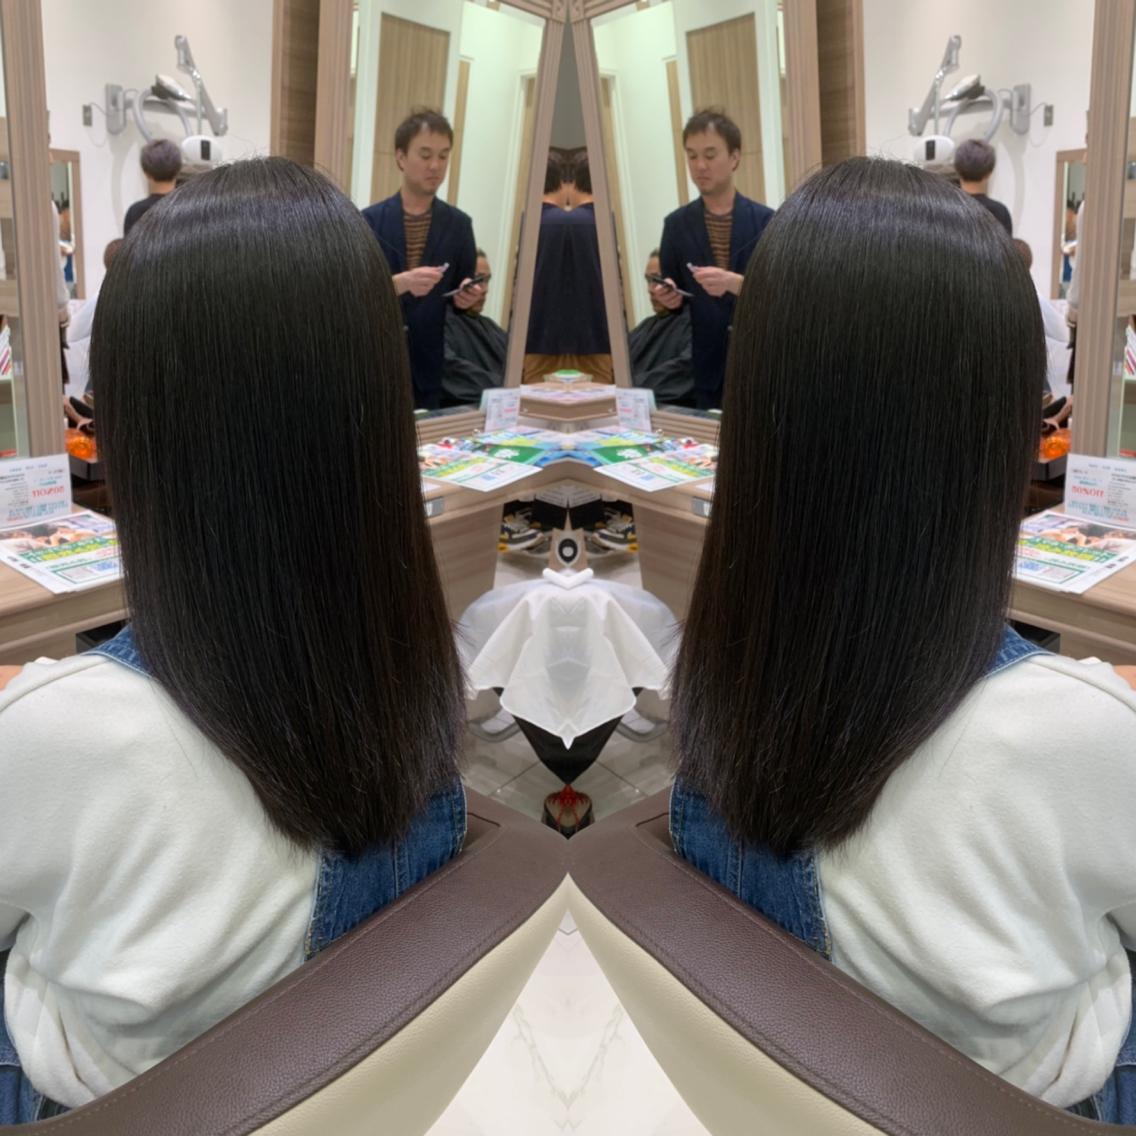 #ミディアム #パーマ 梅雨前にした縮毛矯正…そろそろ伸びてきてませんか👀⁉️綺麗にかけ直してサラツヤな髪へ💇♀️✨